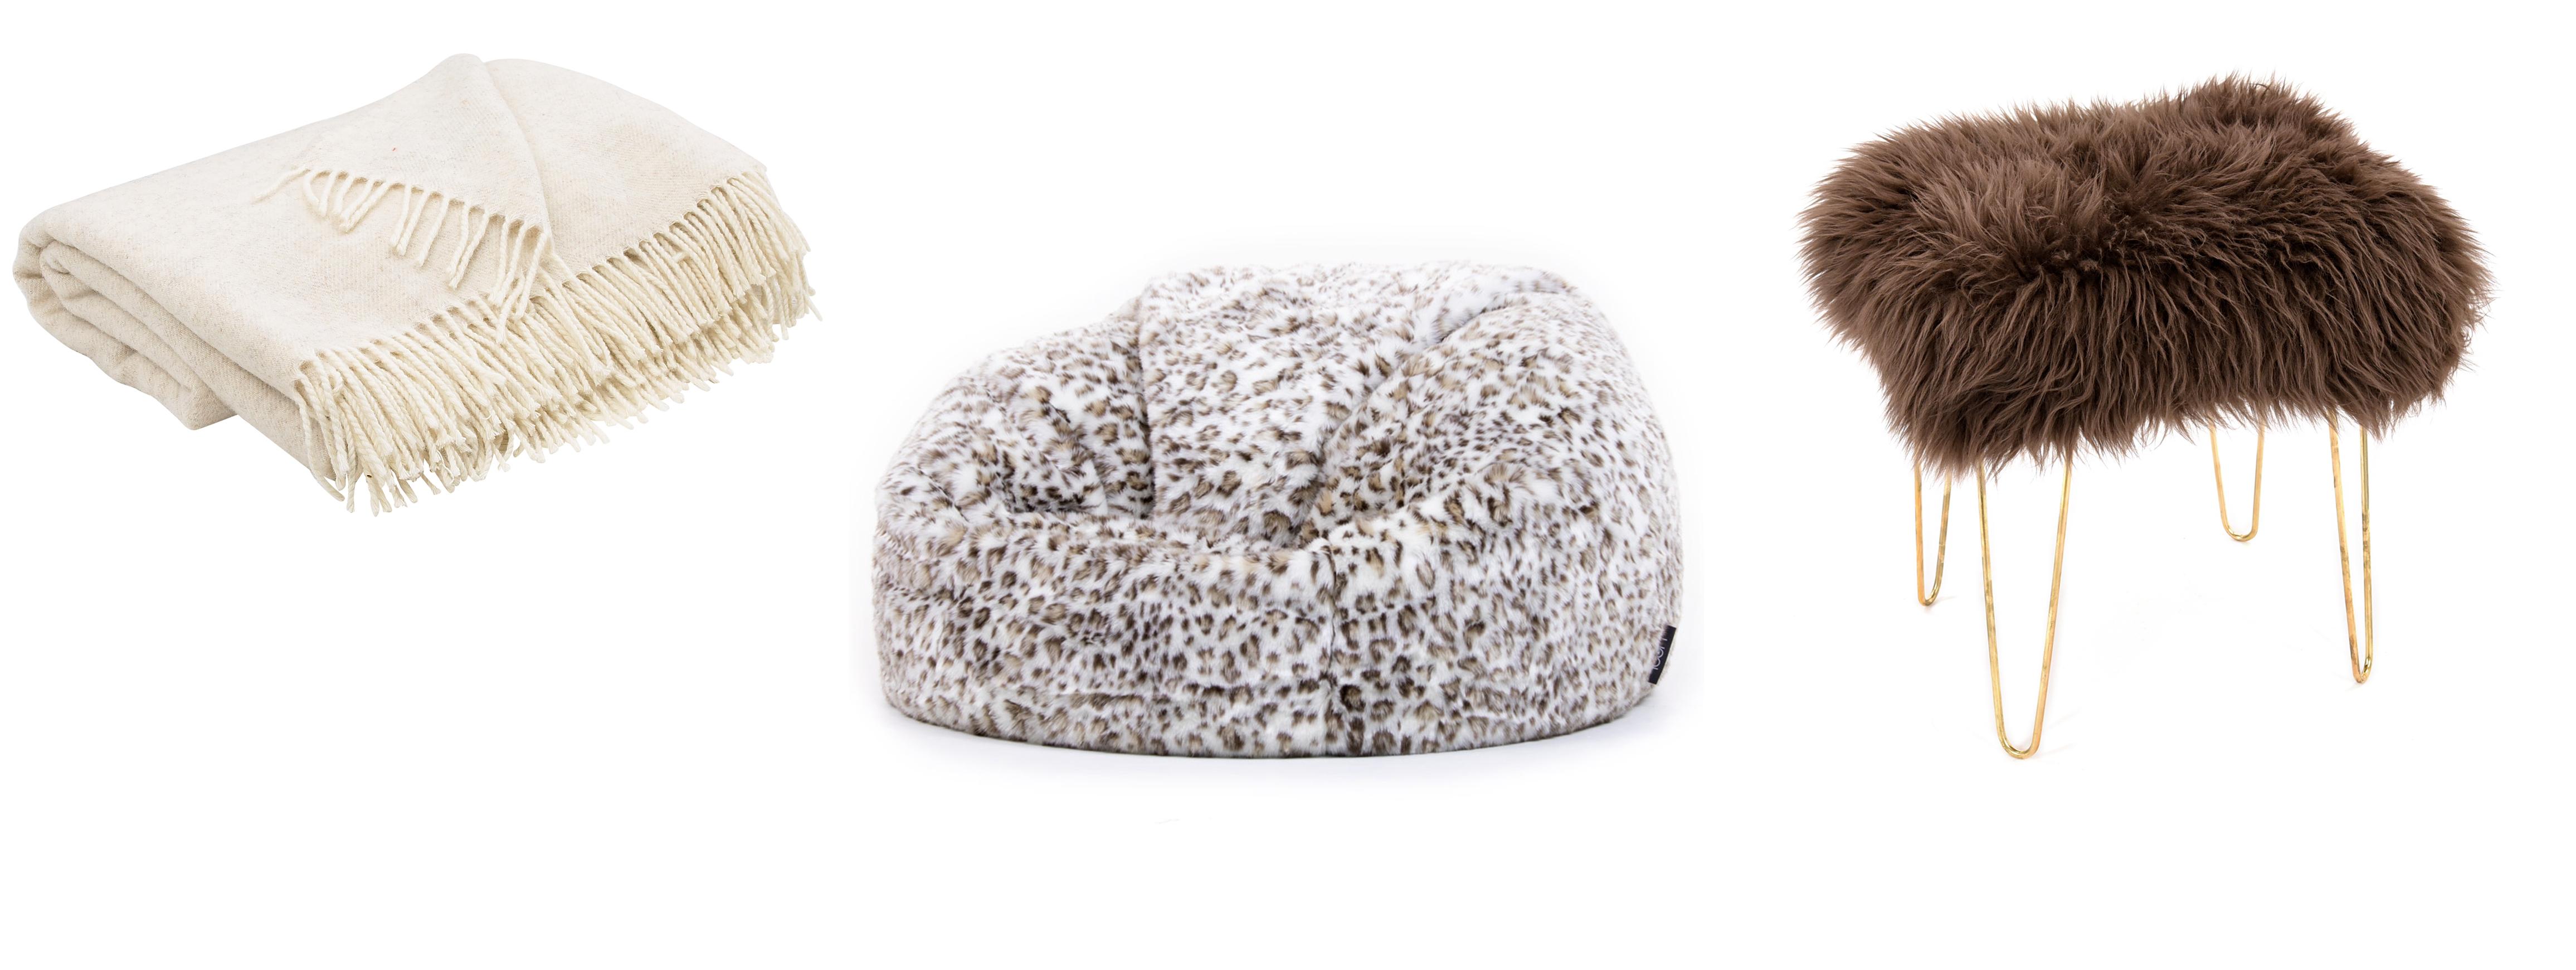 (L-R) Super Soft Merion Throw, Lime White, £132, Tolly McRae; ICON Siberia Faux Fur Bean Bag, Snow Leopard, £99.99, Bean Bag Bazaar; Joan Baa Sheepskin Dressing Table Stool, Brown, £265, Limelace (Tolly McRae/Bean Bag Bazaar/Limelace/PA)